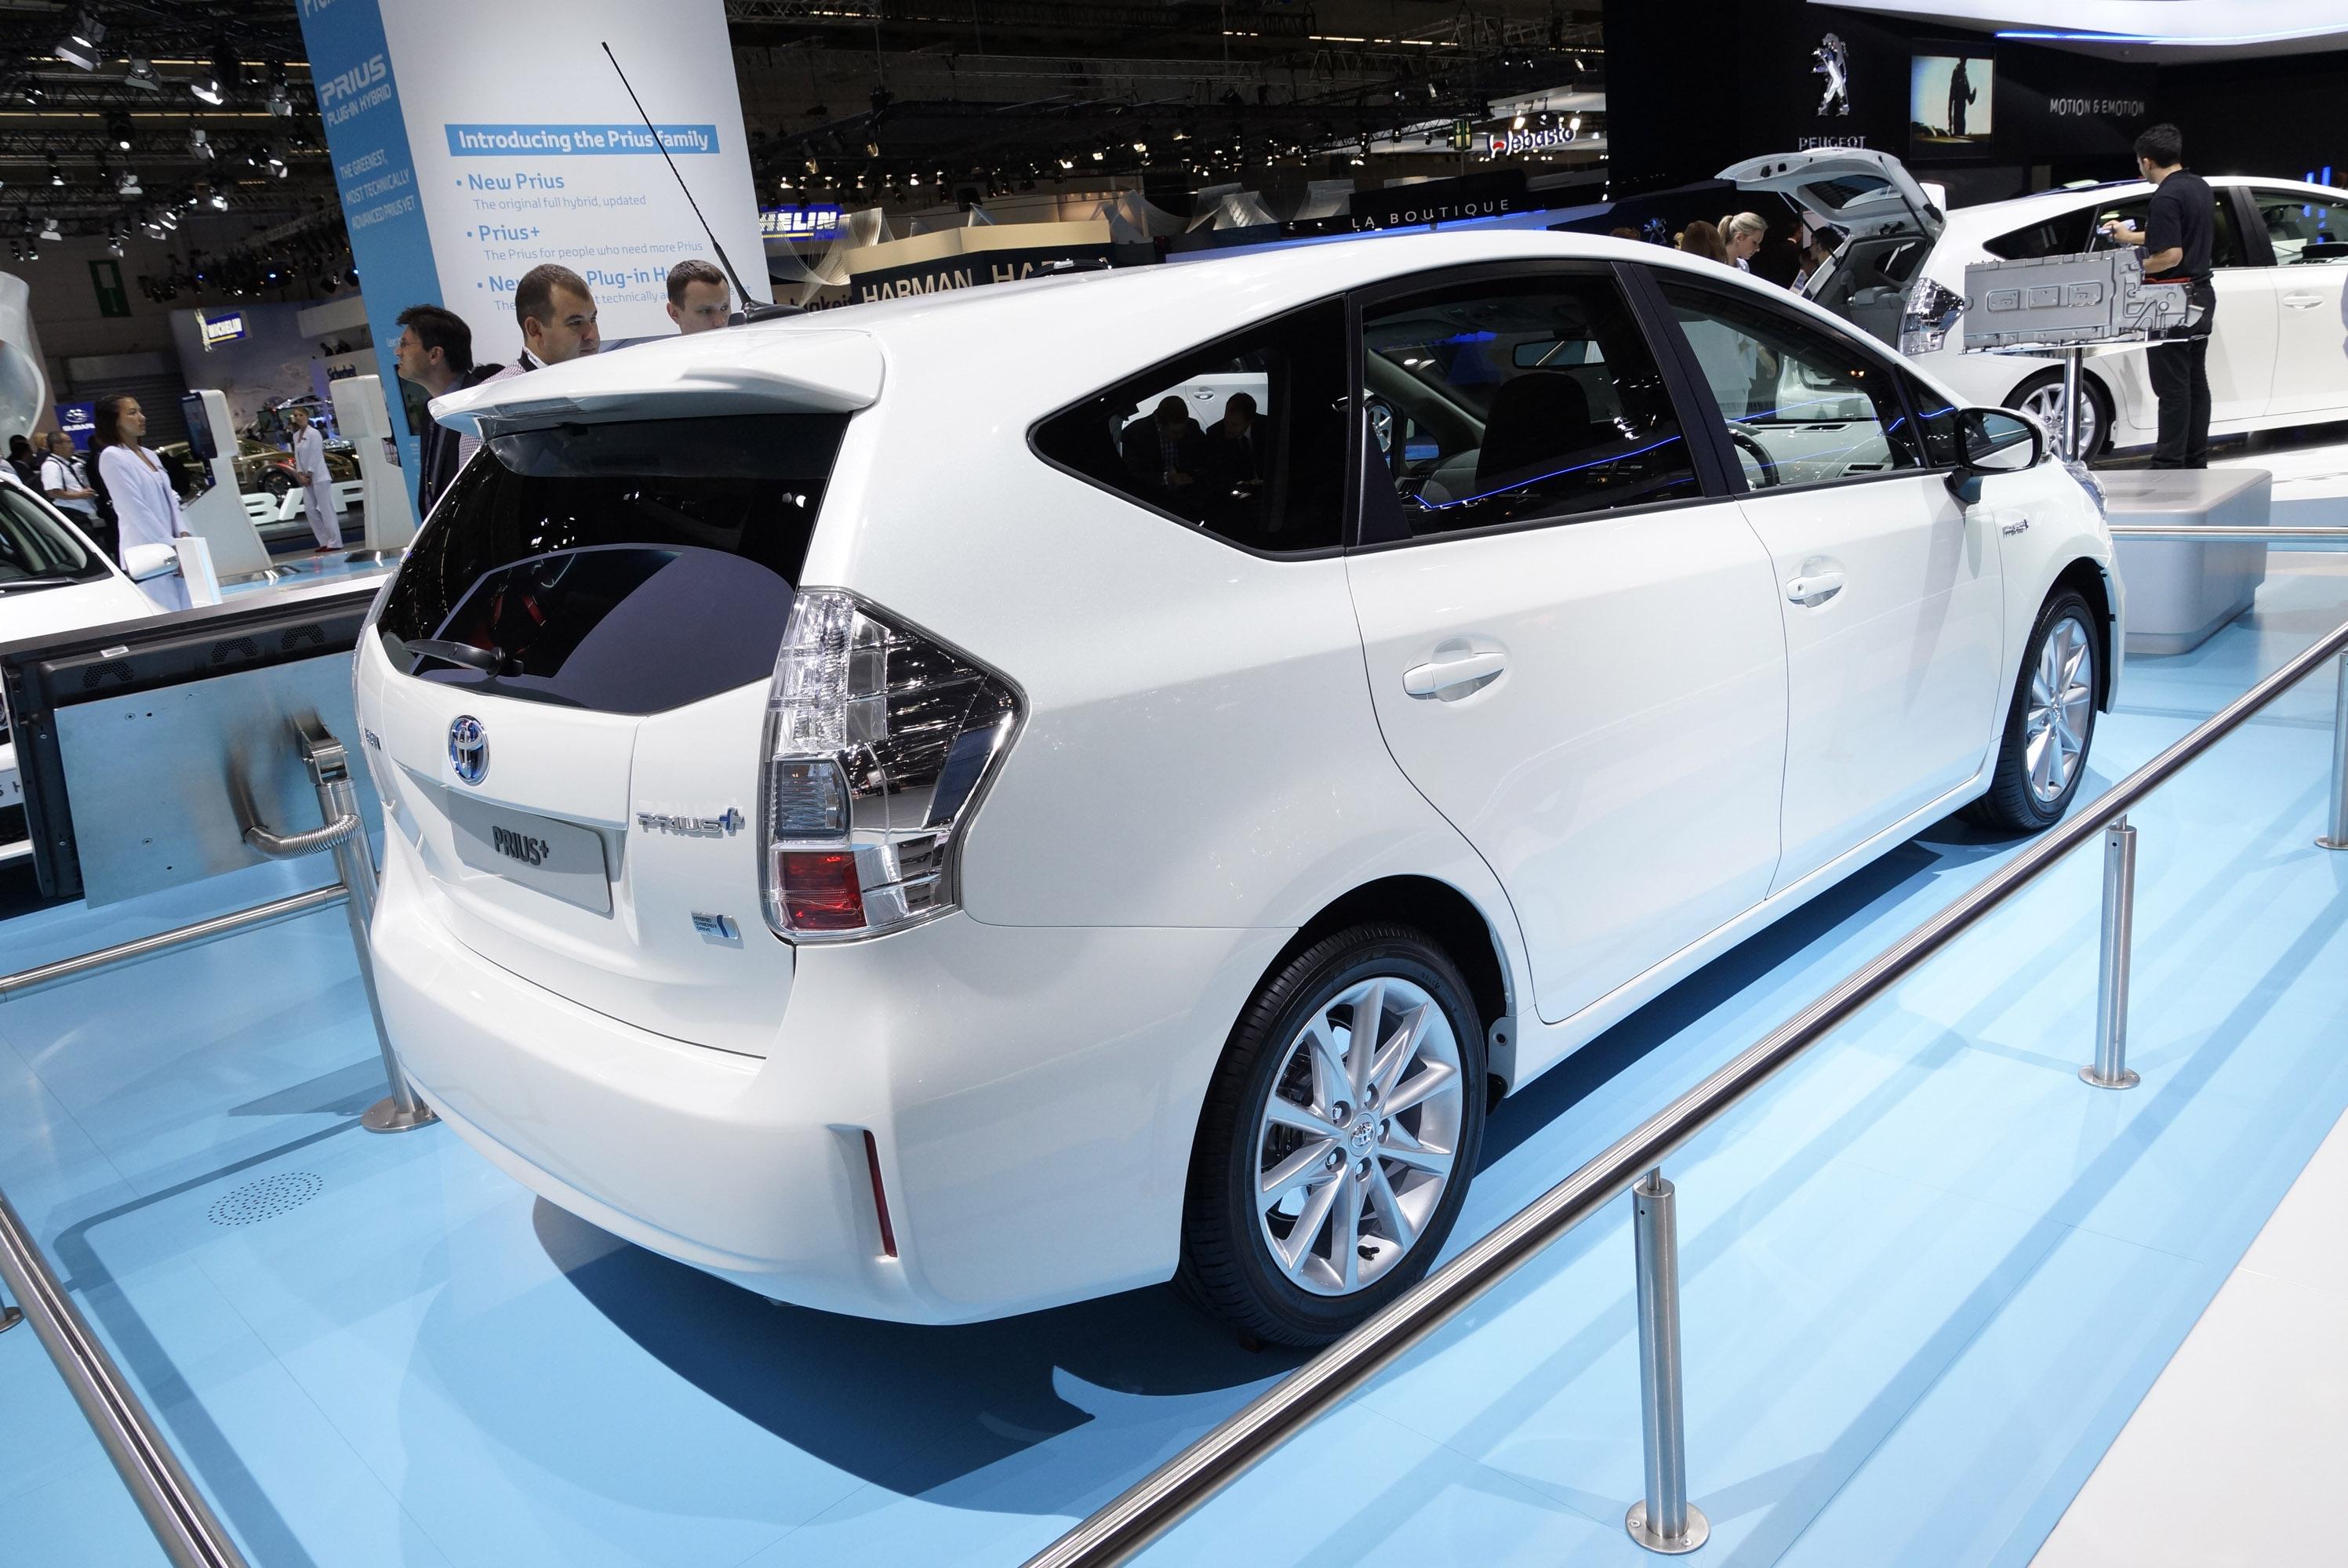 Toyota Prius Plus Frankfurt 2011 - Picture 59187